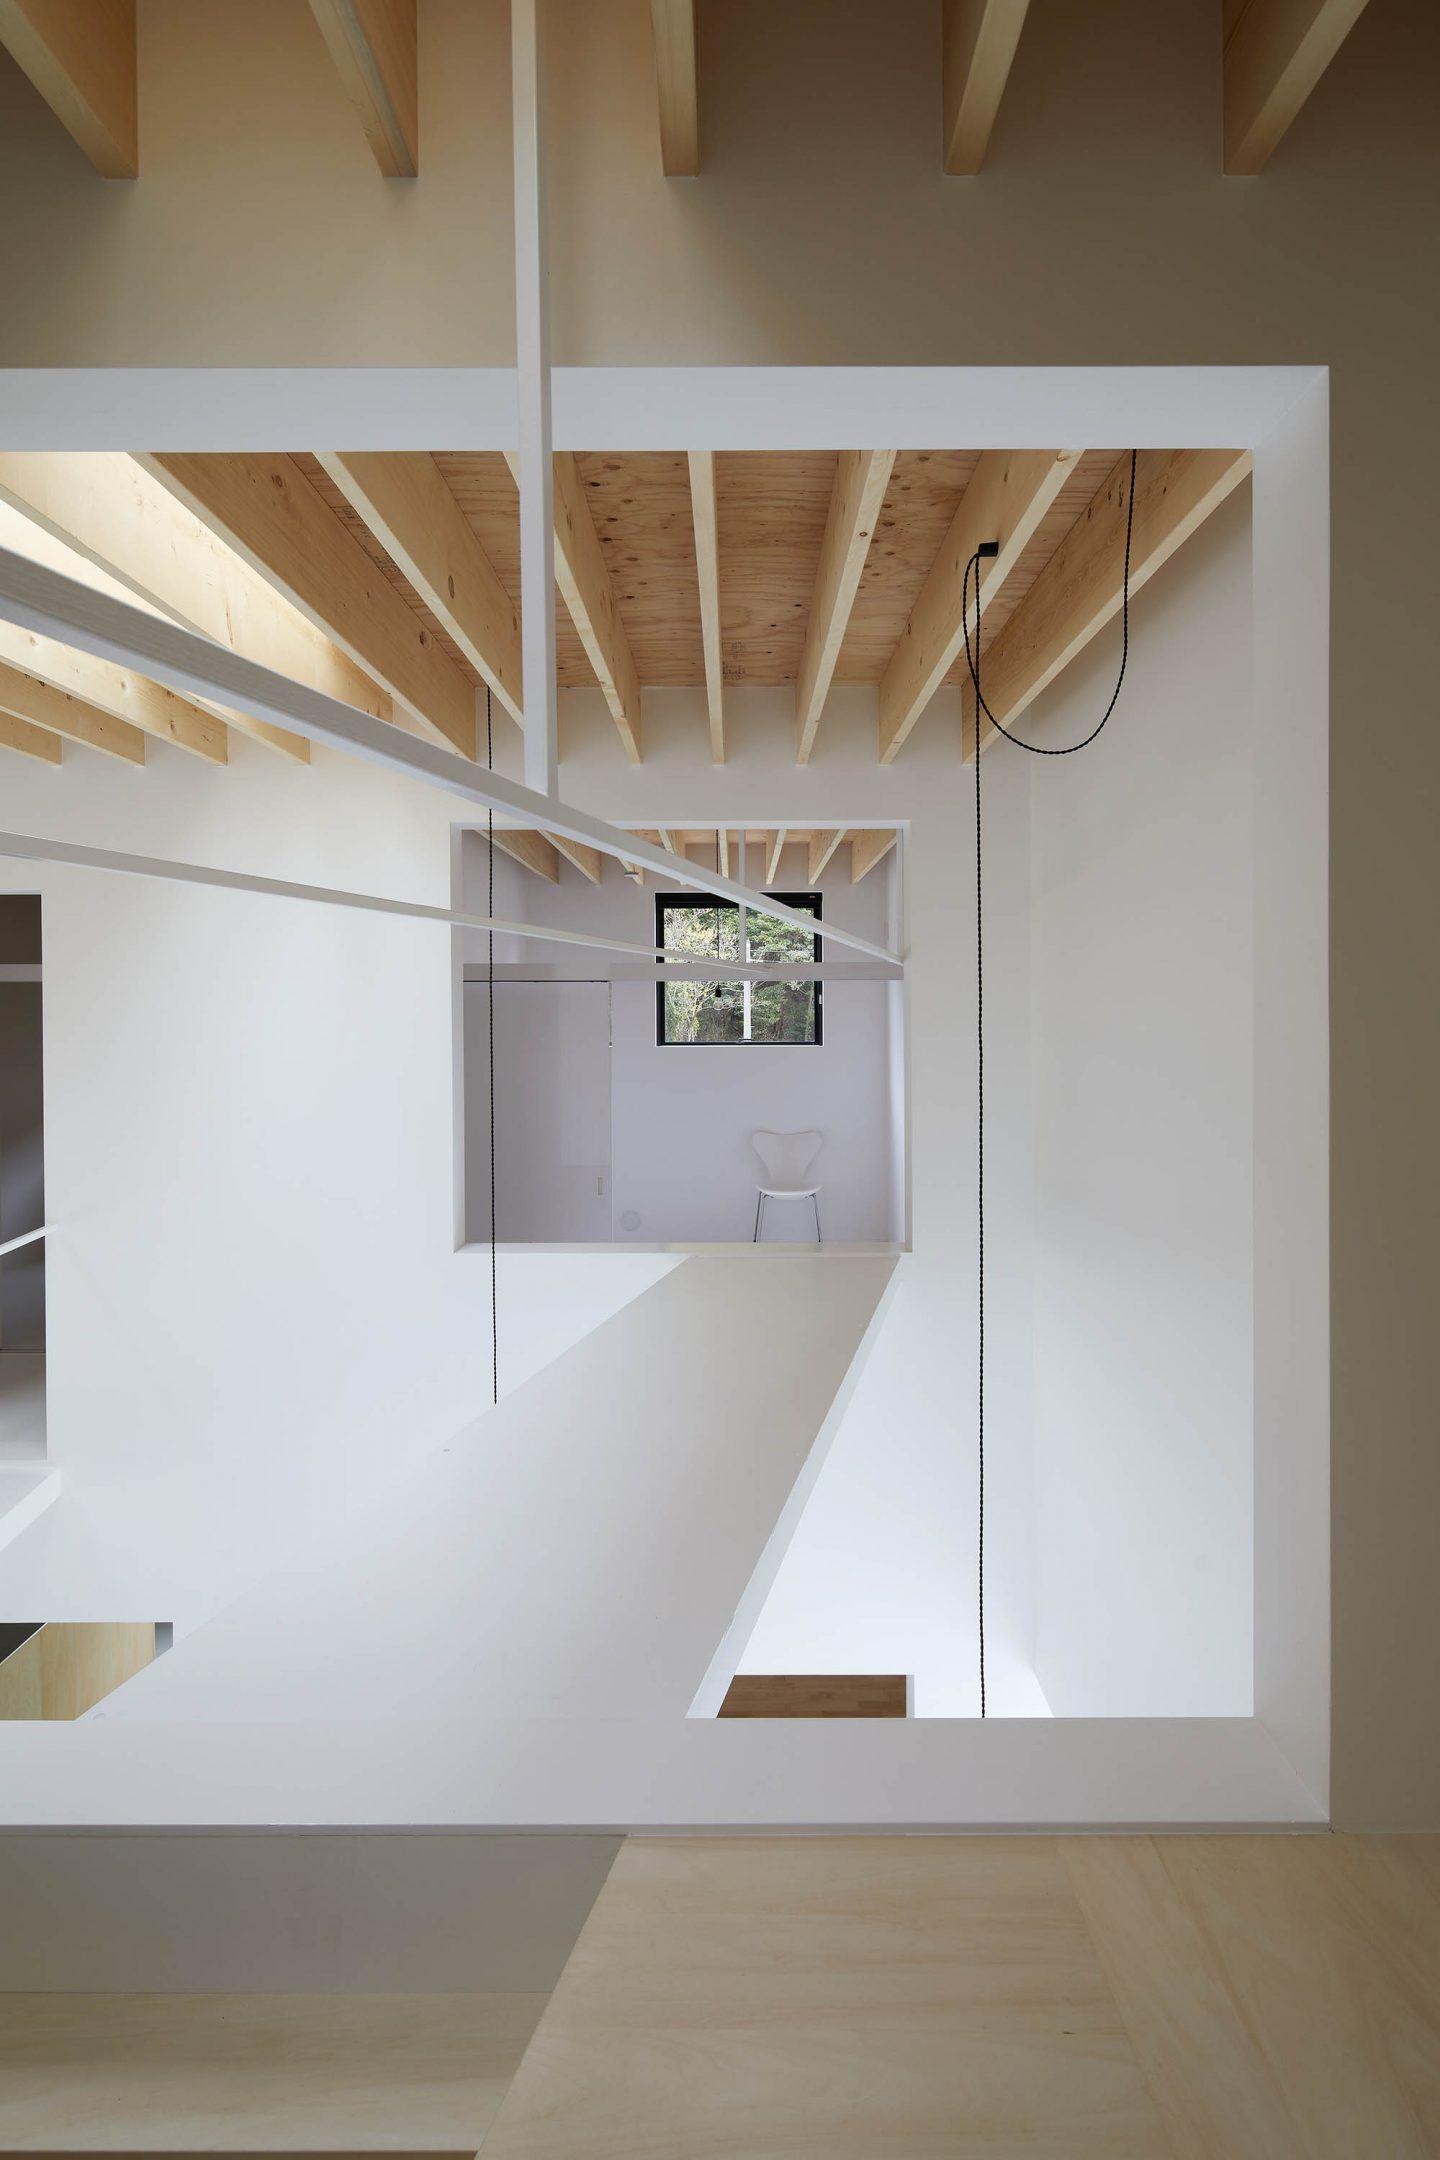 IGNANT-Architecture-Kento-Eto-Atelier-Kadokawas-House-29